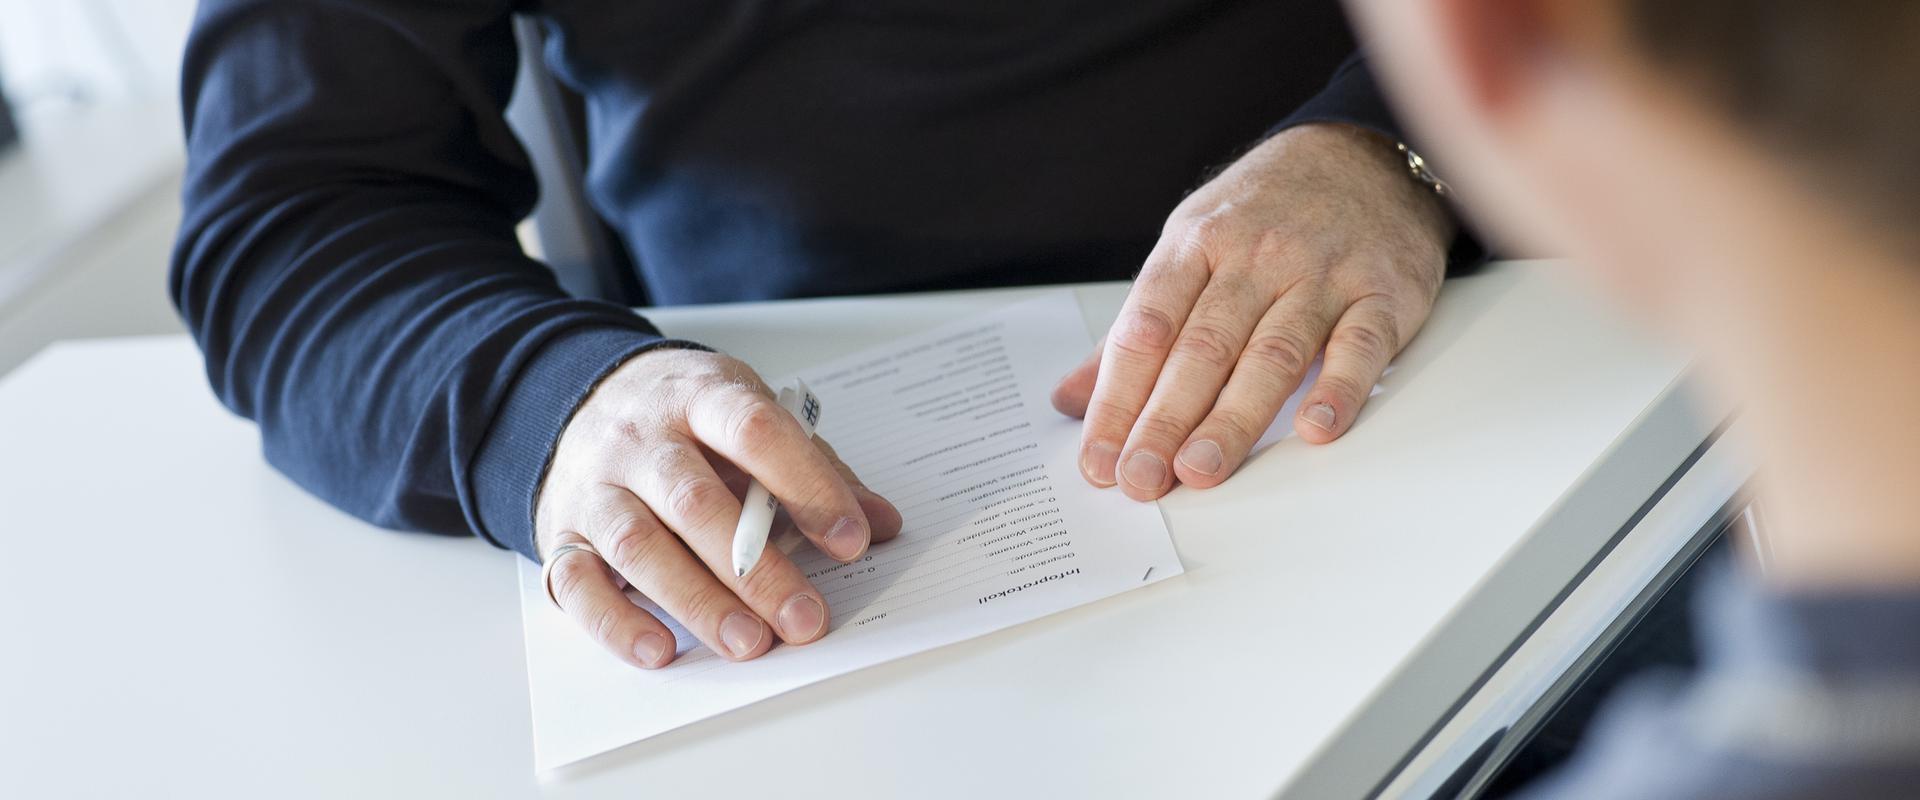 Ausfüllen eines Anmeldeformulars im MEDIAN Therapiezentrum Haus Welchenberg